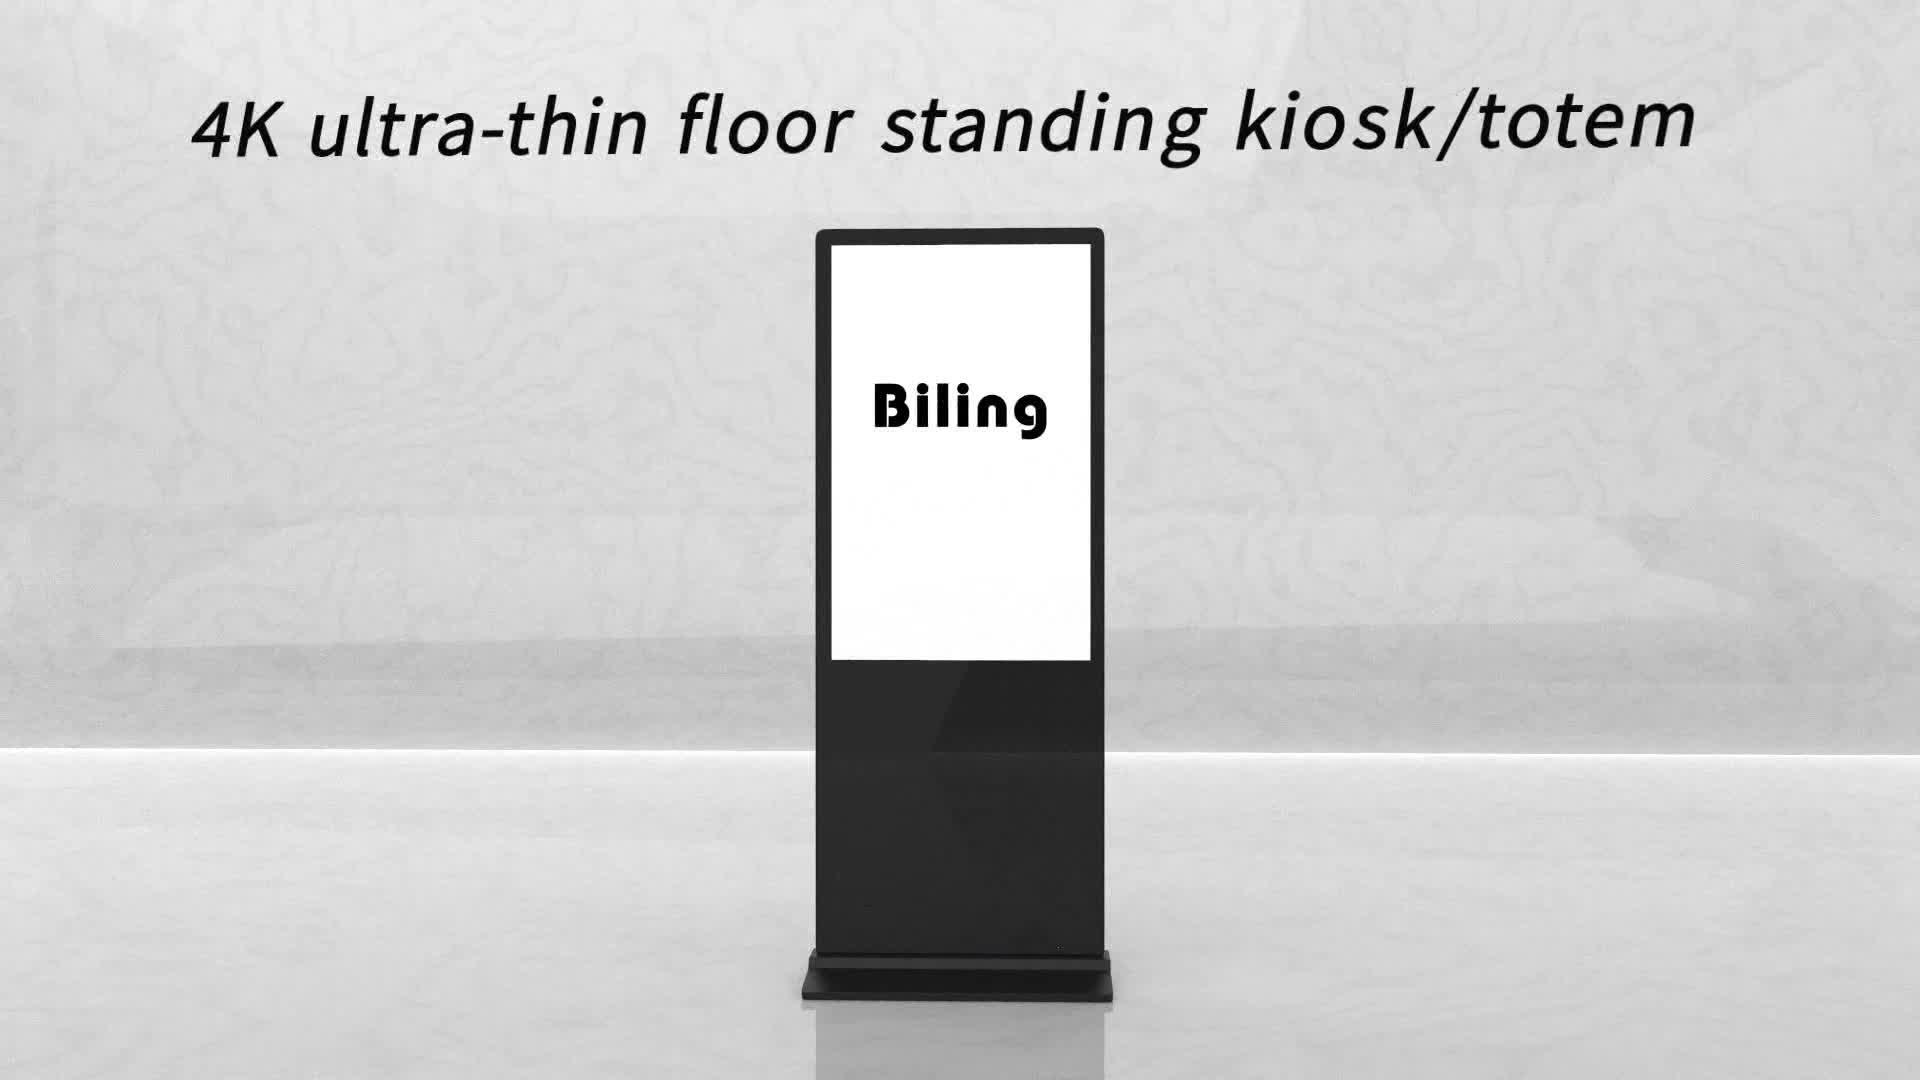 ยืนชั้น LCD แบบสัมผัสป้ายดิจิตอล 55 นิ้ว ultra thin kiosk totem จอแสดงผล lcd แนวตั้ง marketing หน้าจอสัมผัส